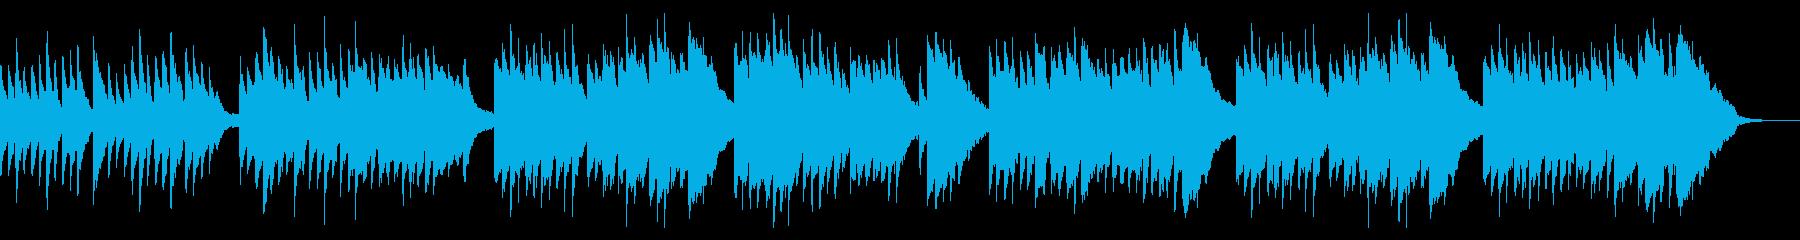 温かい感動的な優しいピアノソロ曲の再生済みの波形